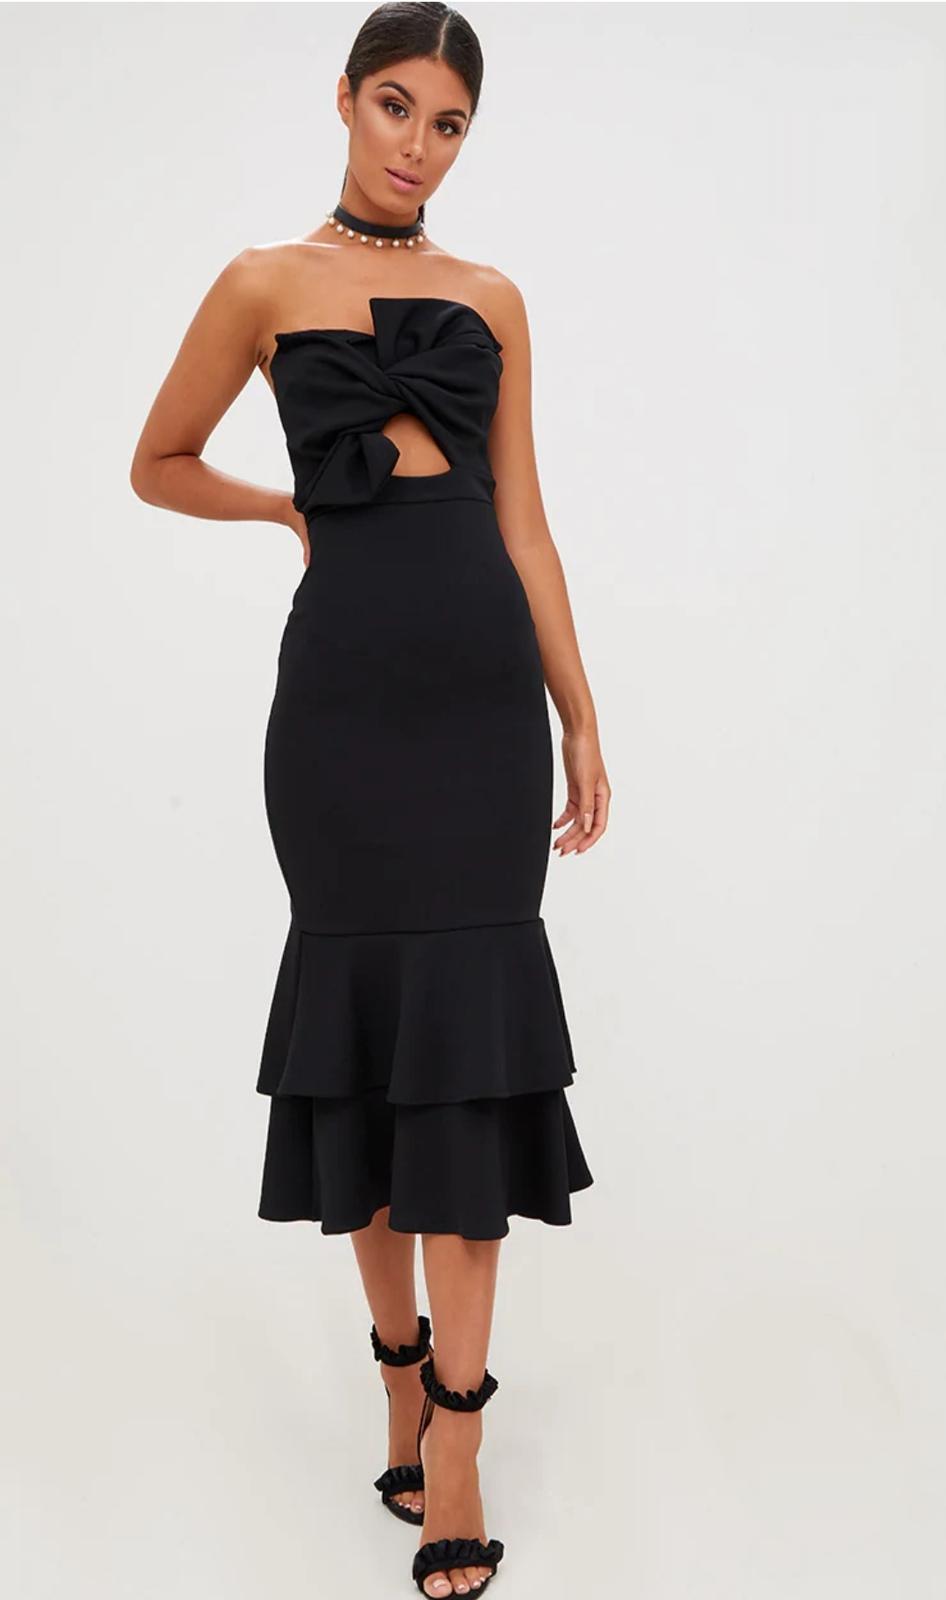 Společenské šaty S/M - Obrázek č. 1